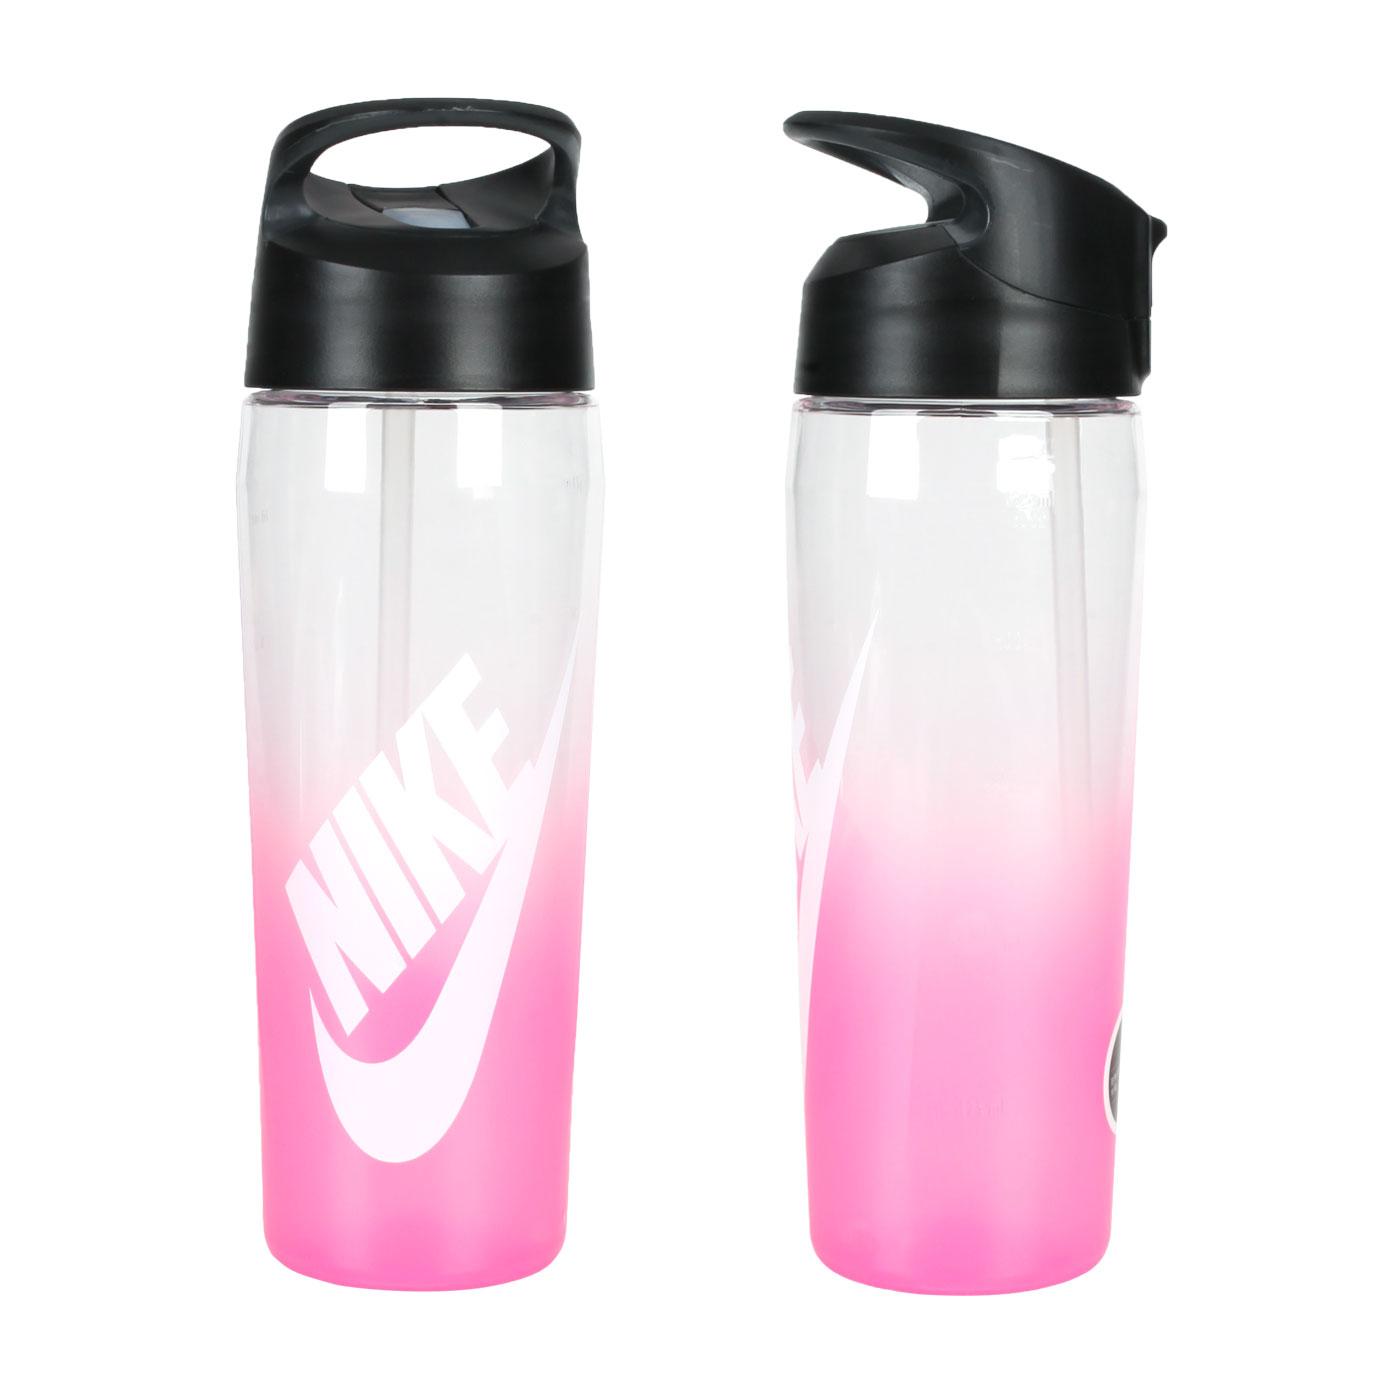 NIKE 24OZ 吸管水壺 N000003491624 - 透明亮粉白